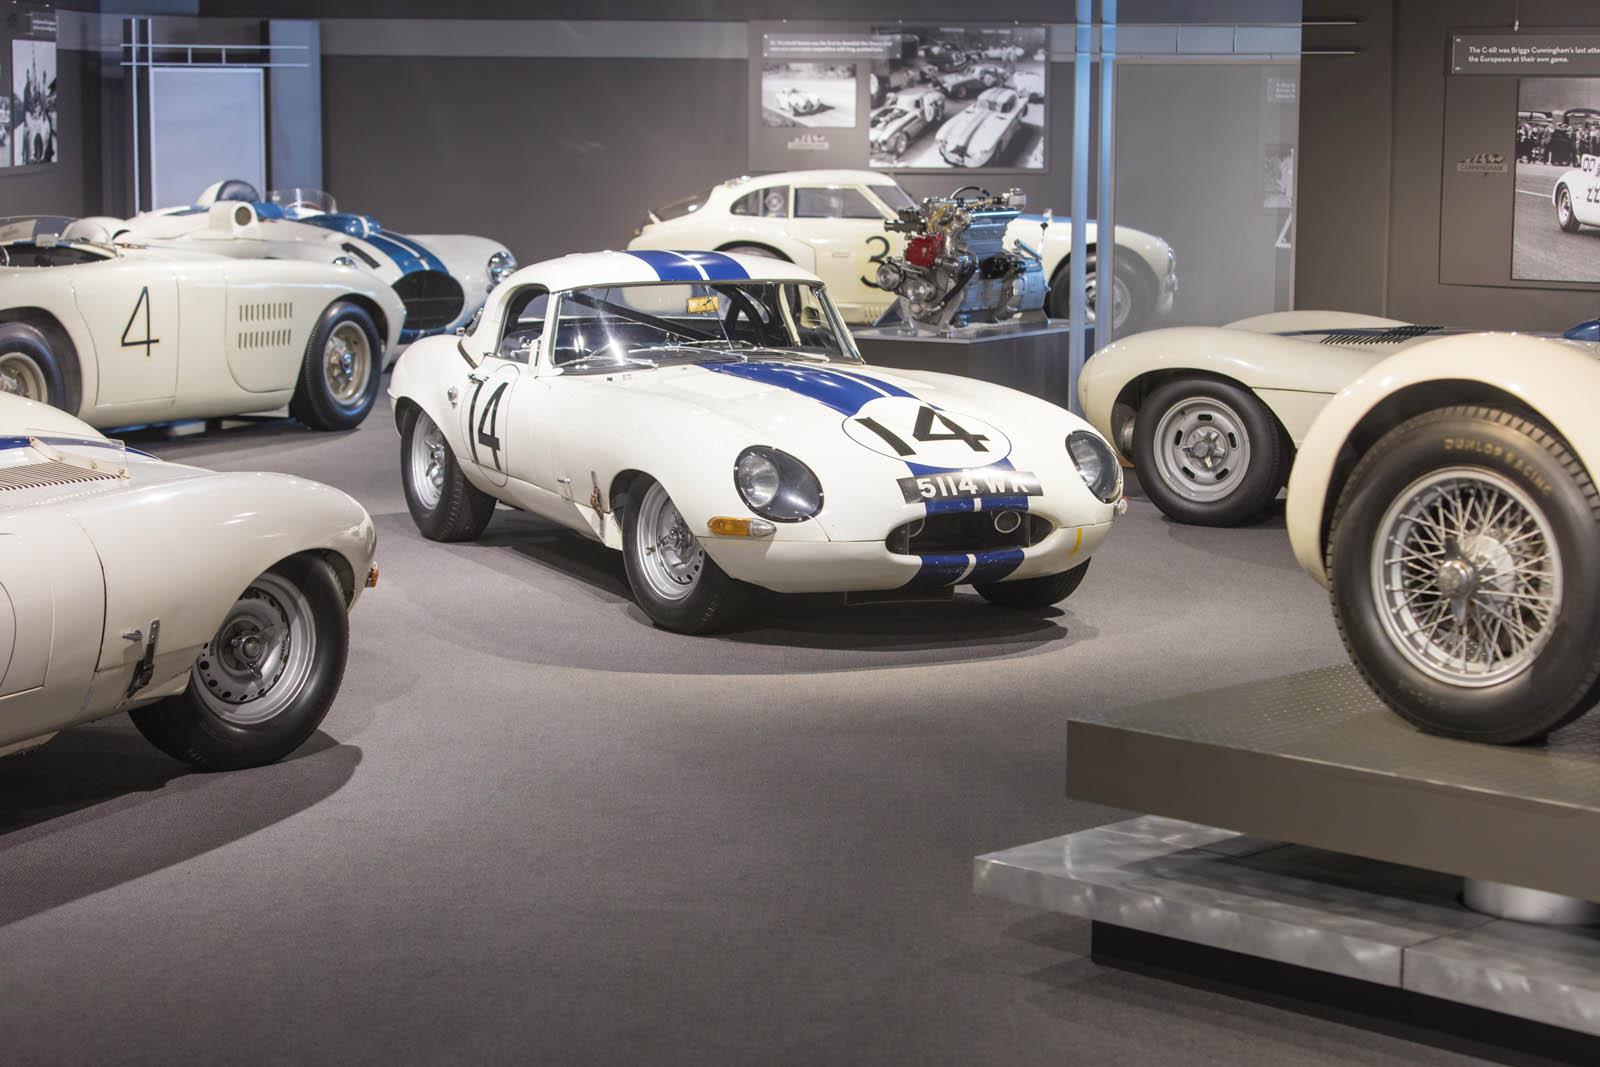 1963 Jaguar E-Type Lightweight #14 Cunningham 20 (1)